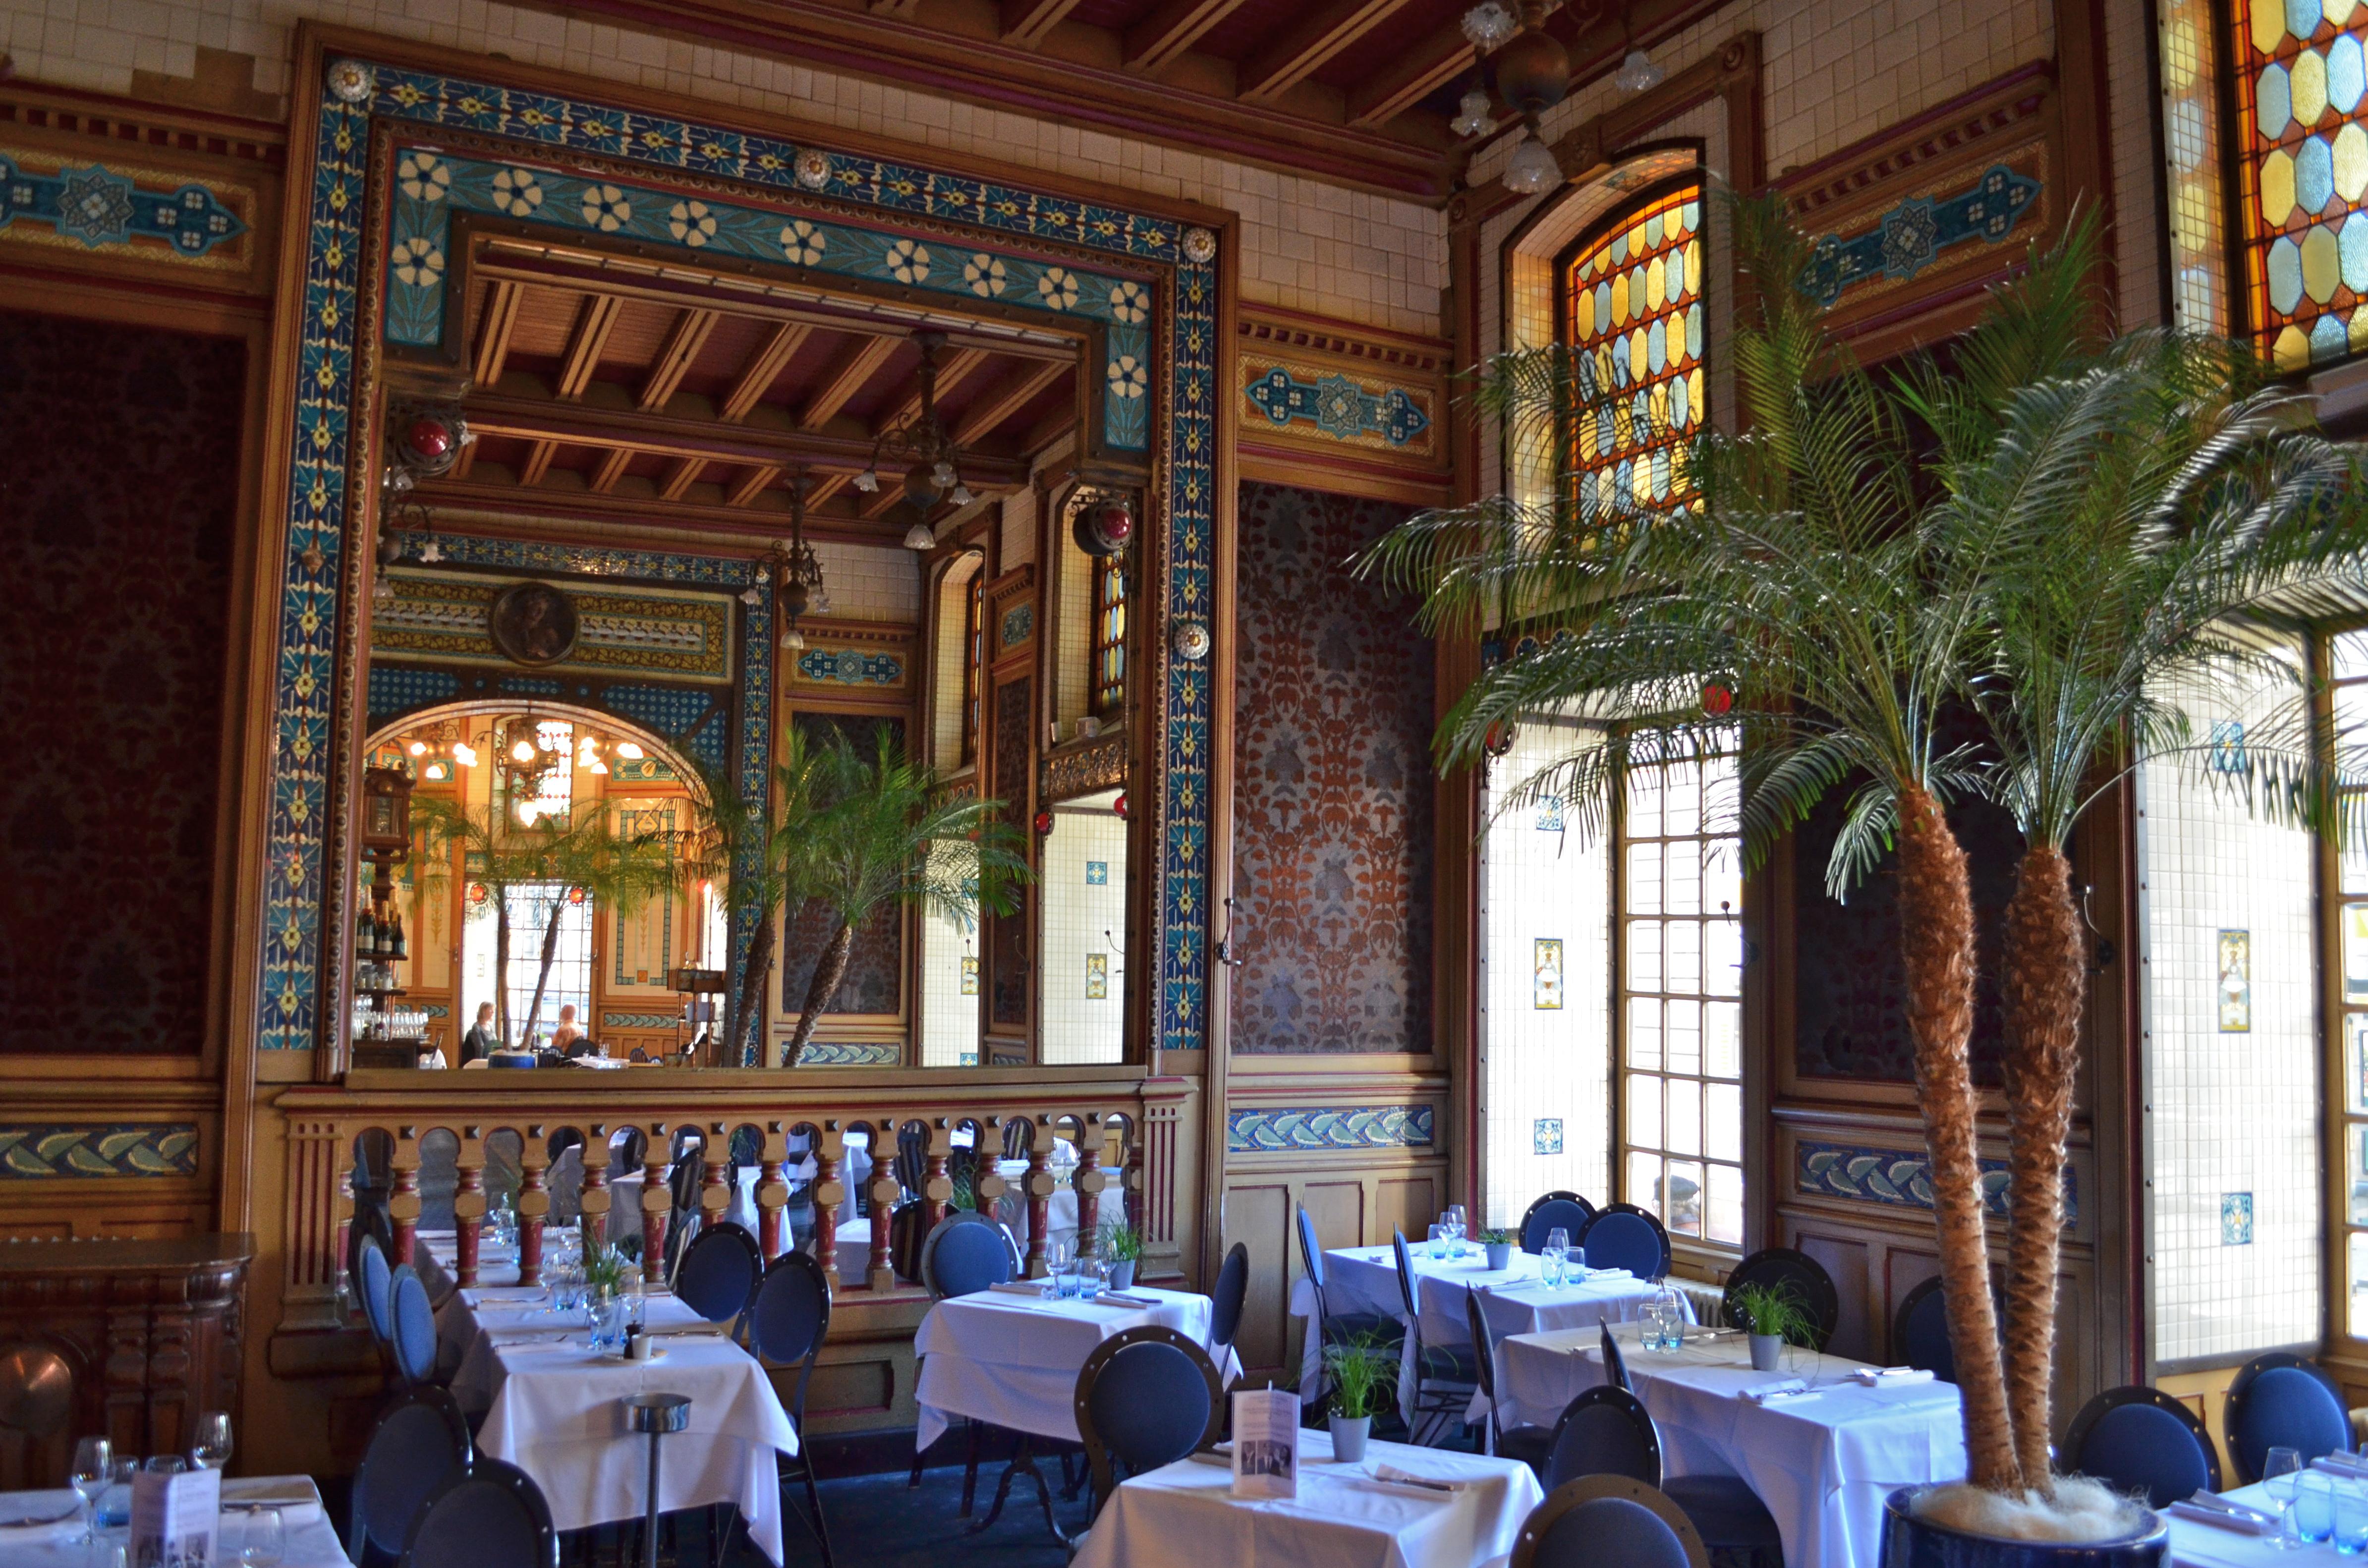 Fichier:Restaurant La Cigale - déco intérieure Art Nouveau (détail 7 ...